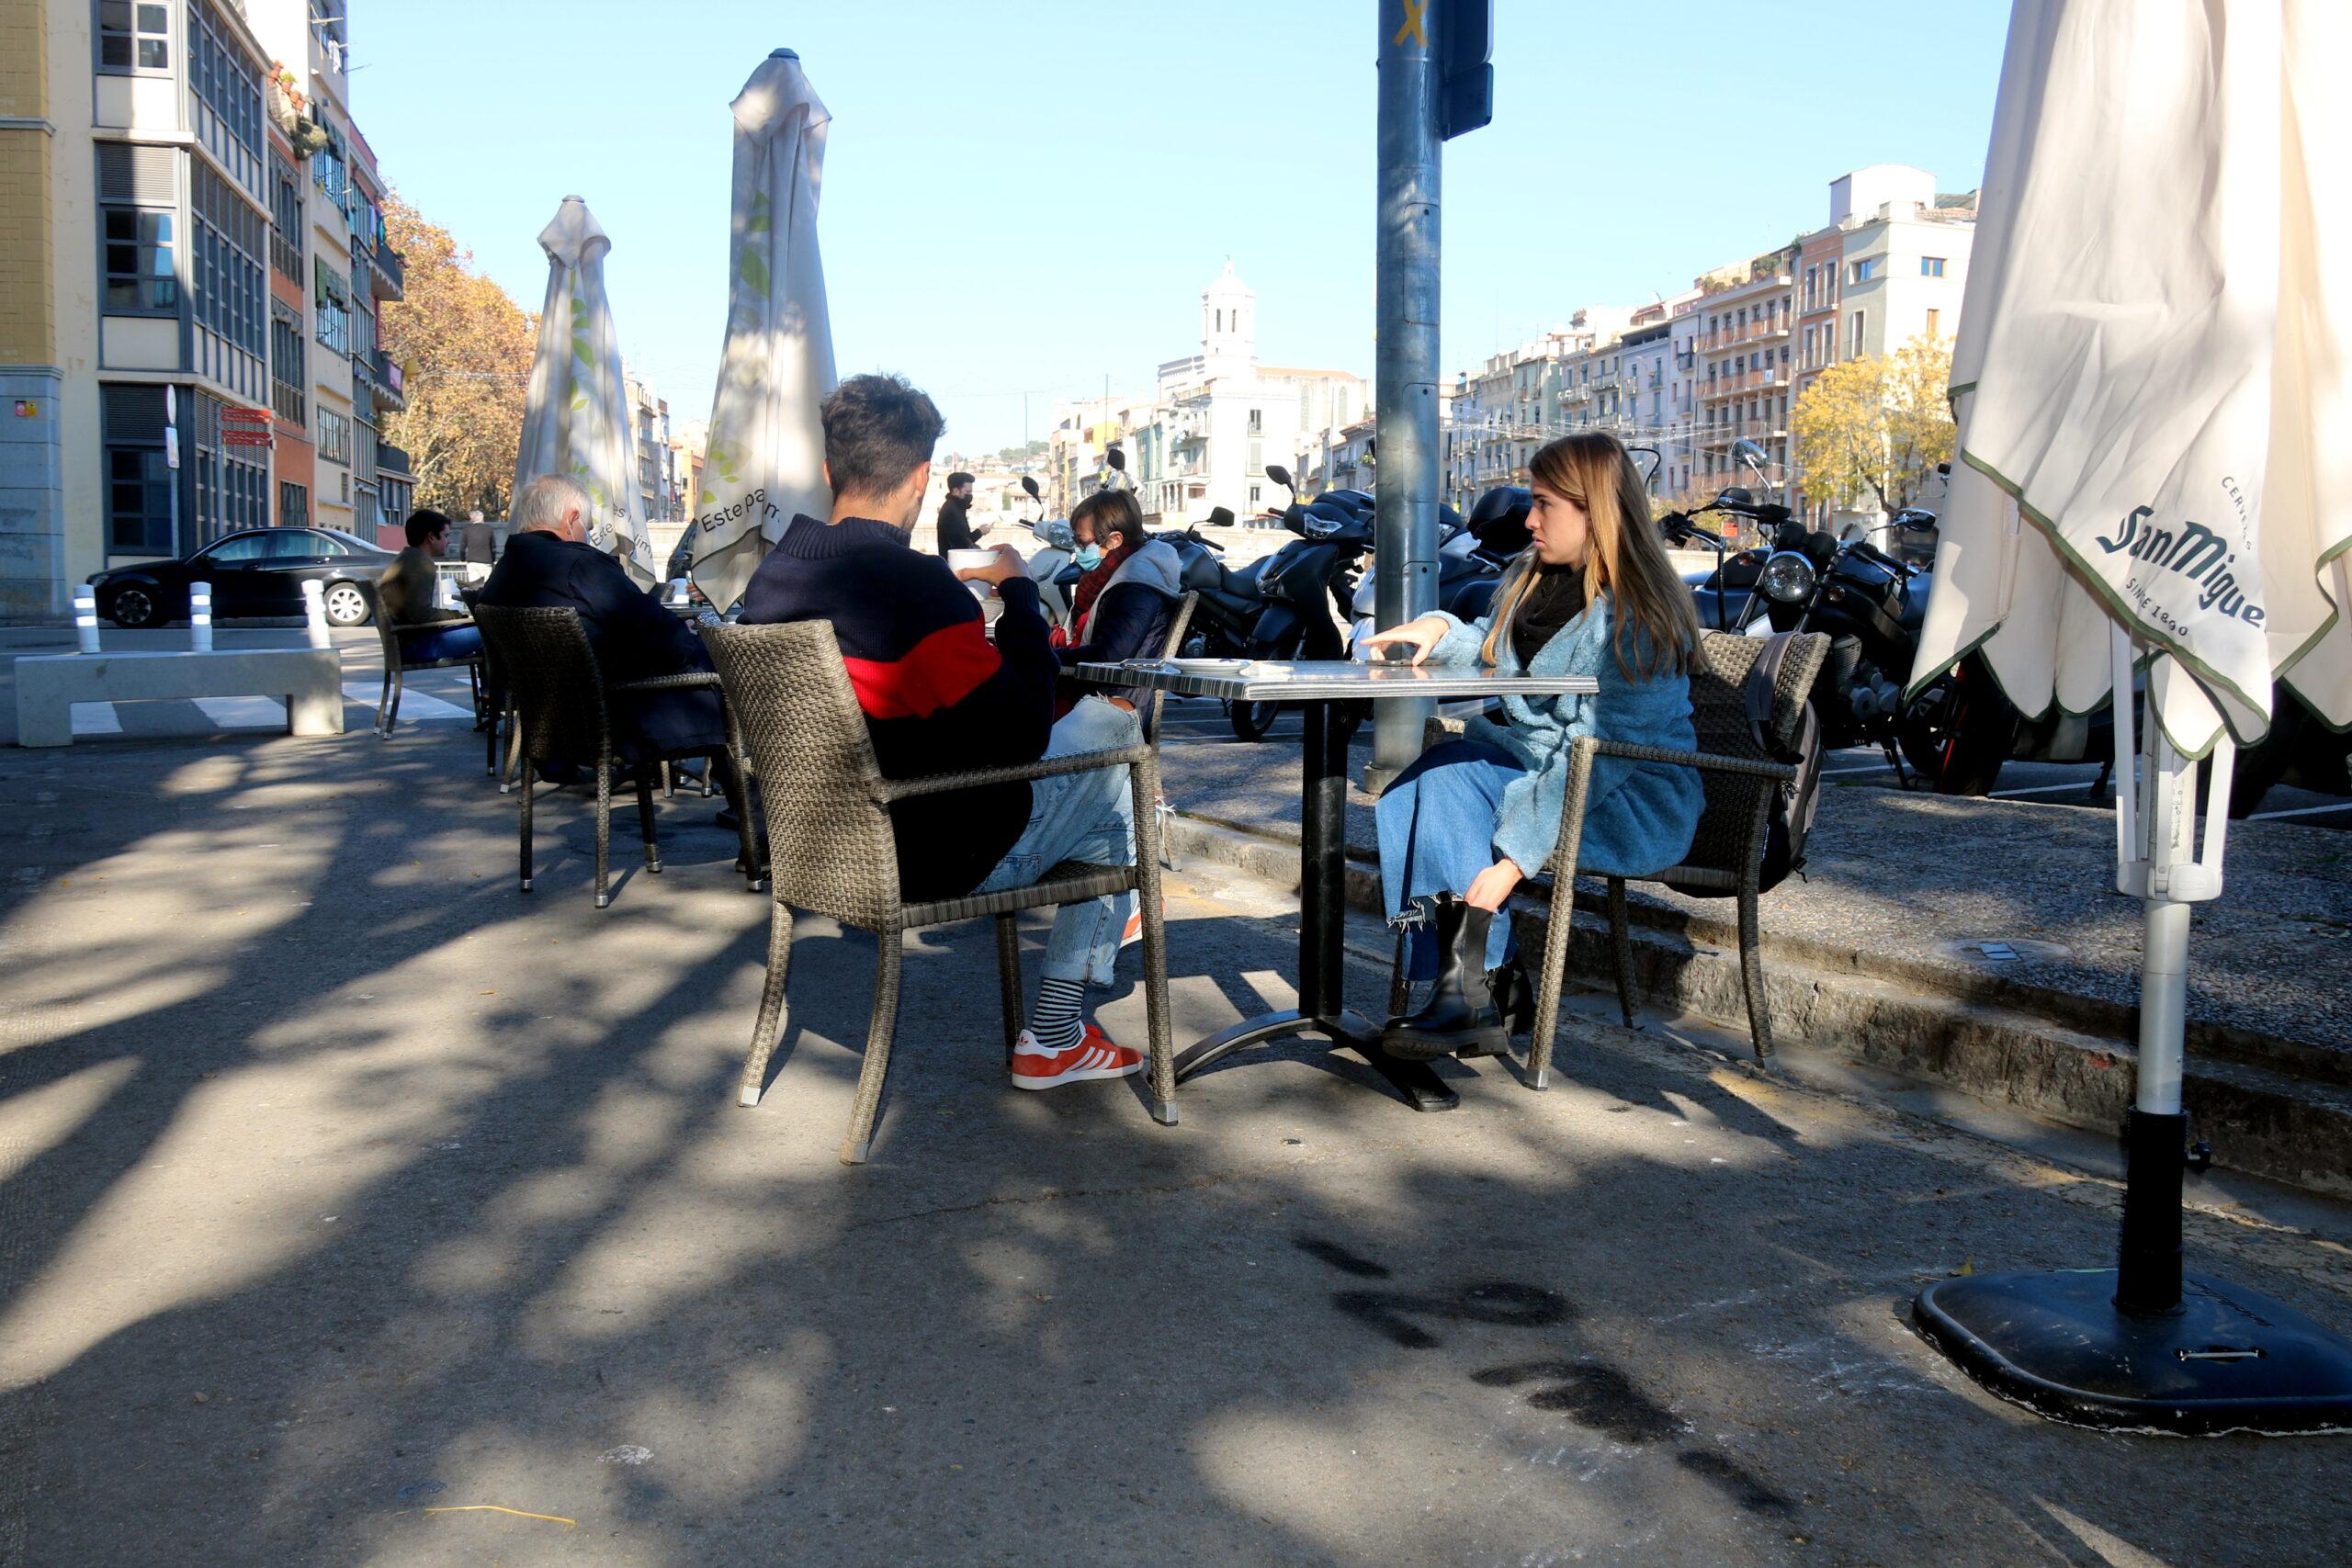 En primer terme, una pintada a l'asfalt que marca la separació de 2 metres; al fons, taules d'un bar a la plaça Catalunya de Girona | ACN